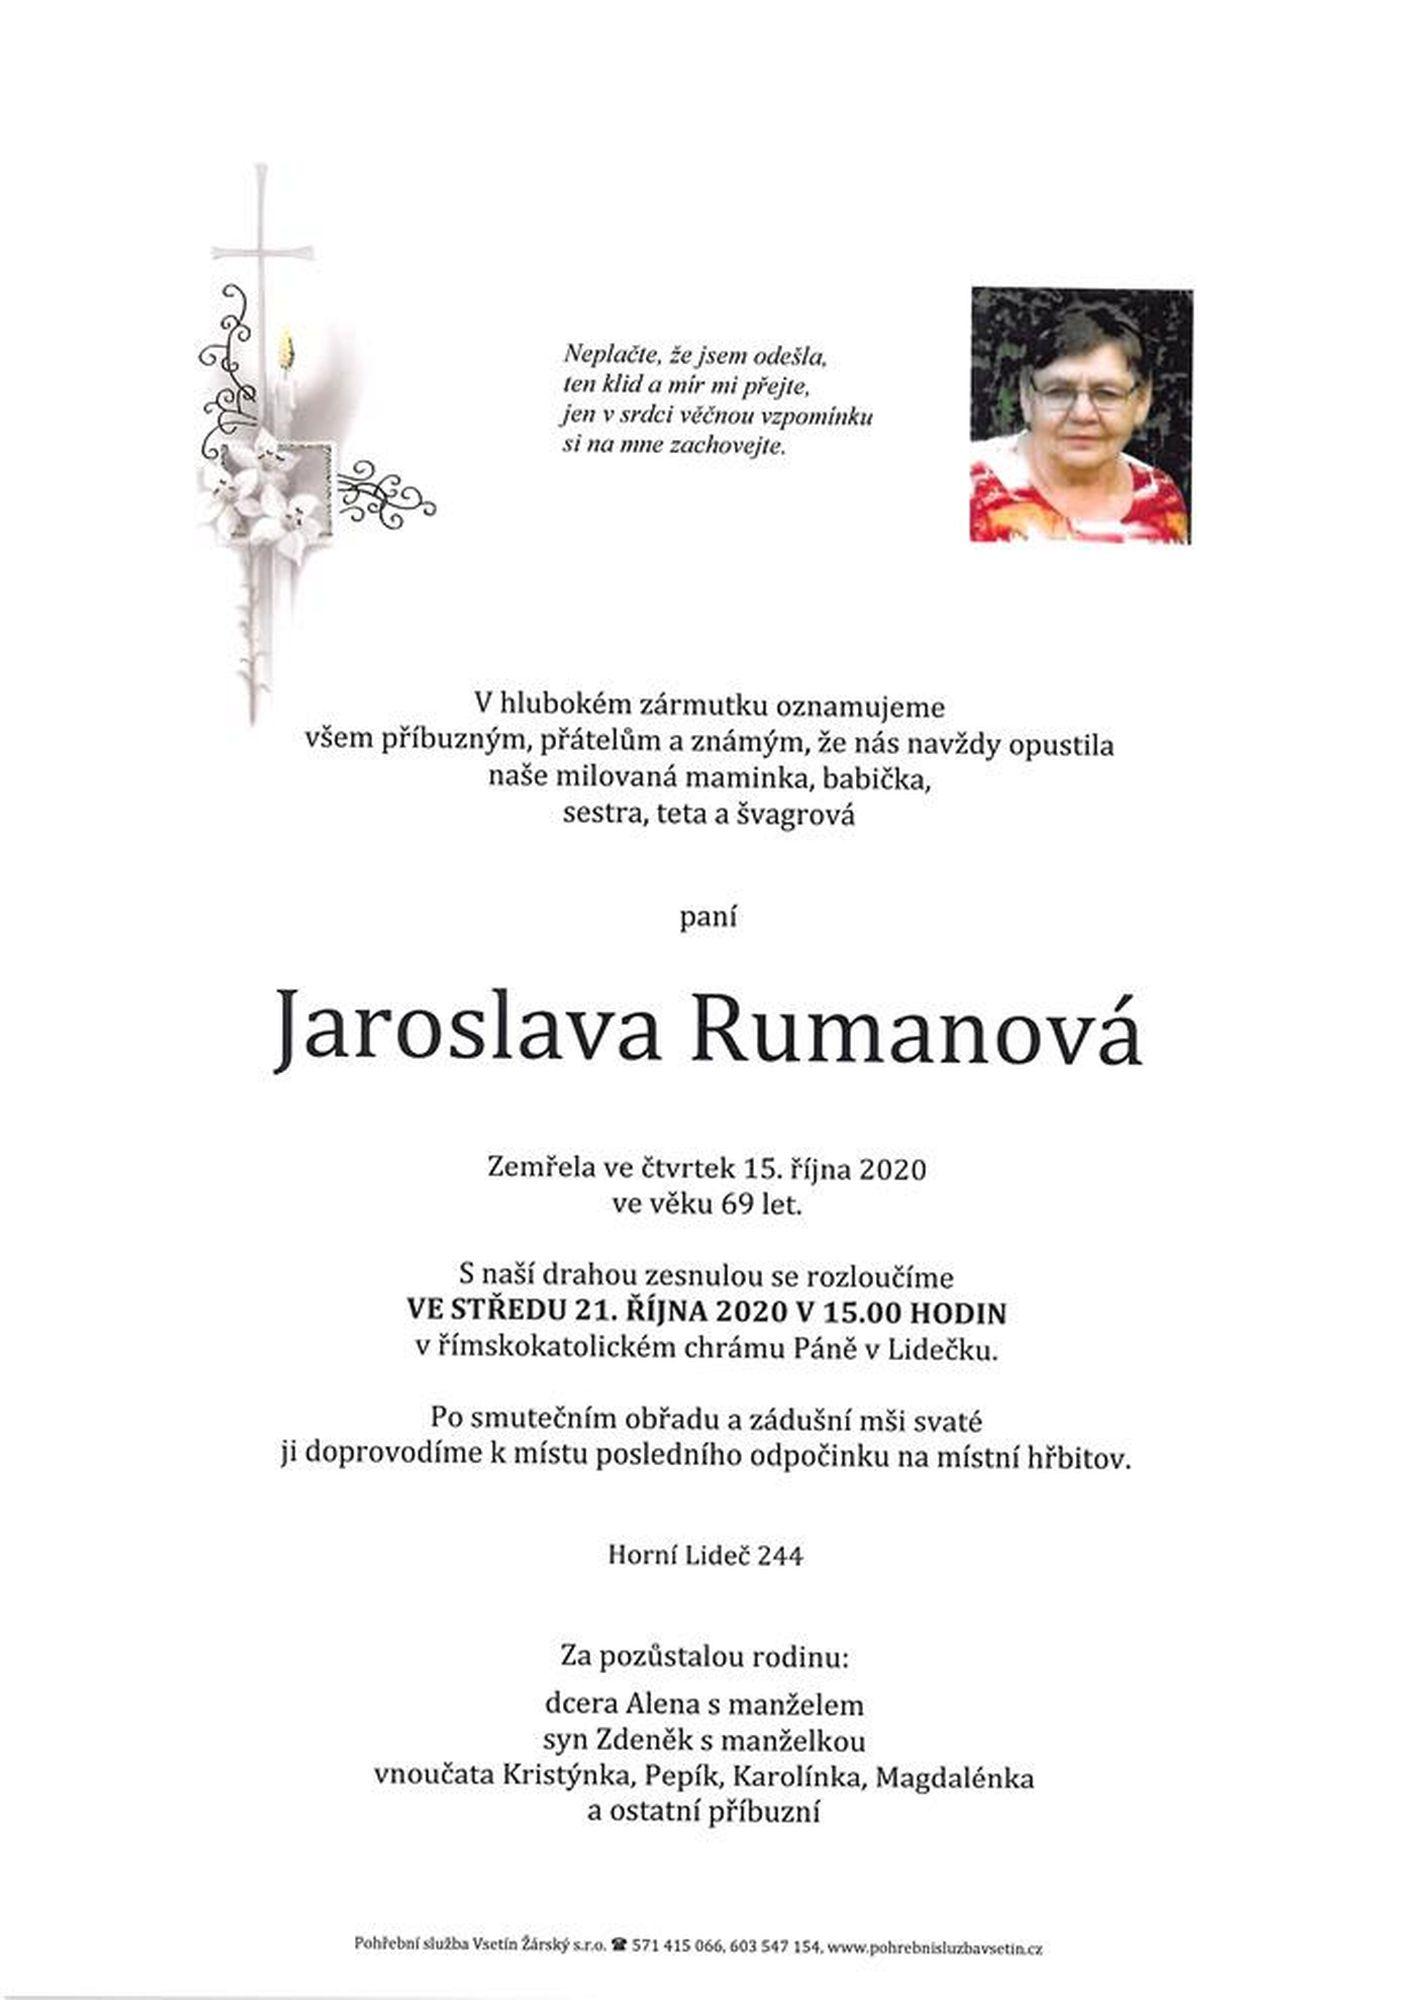 Jaroslava Rumanová